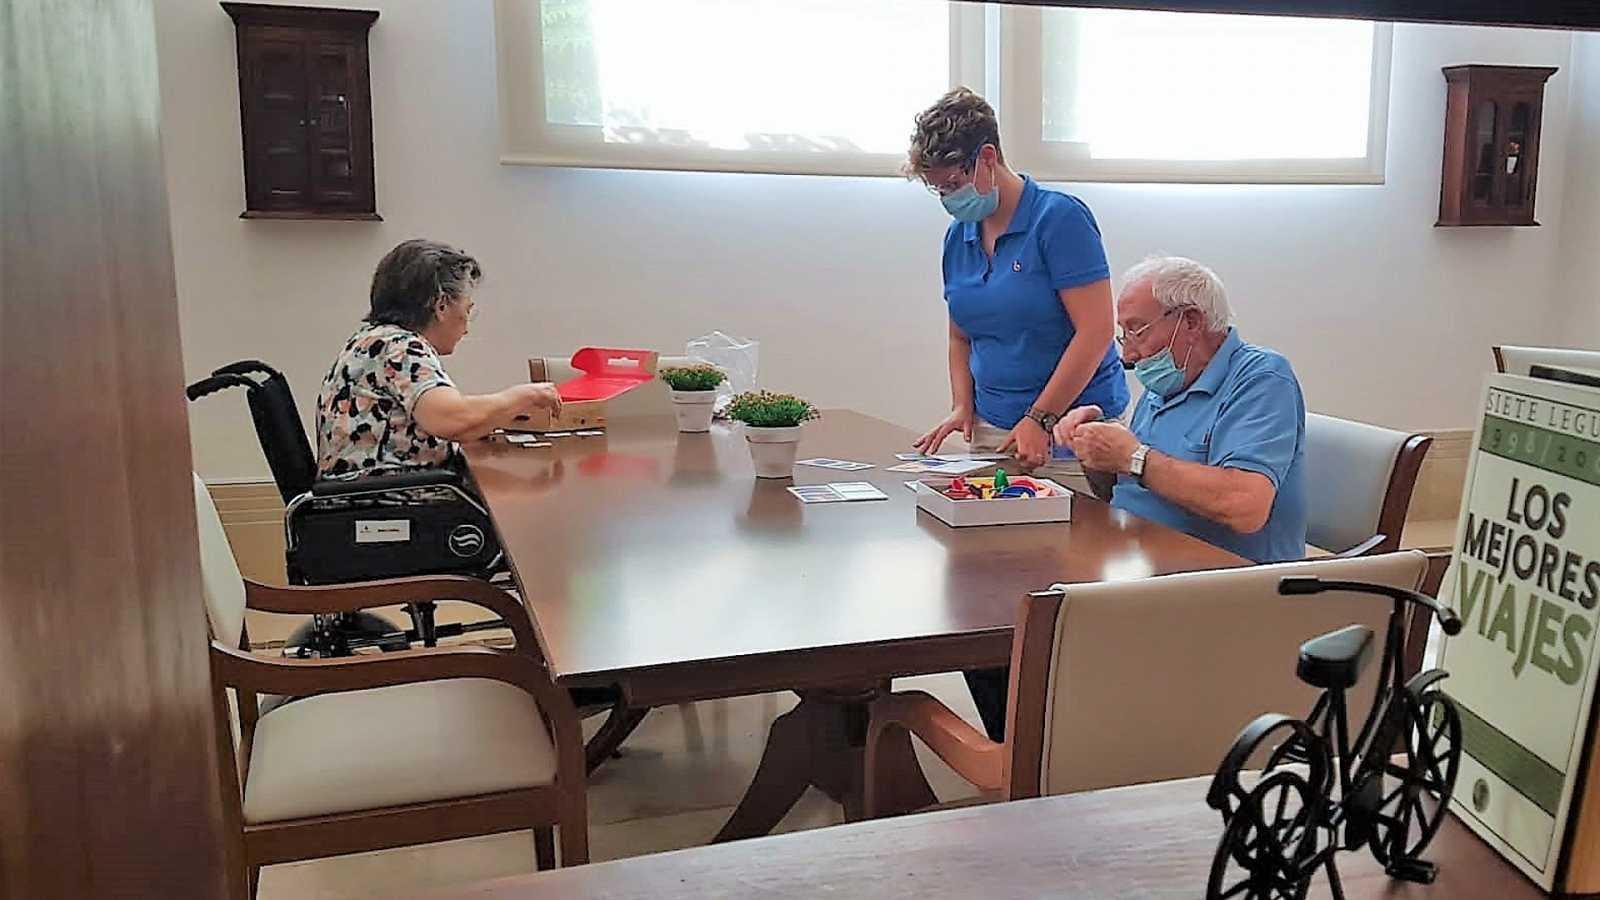 La pandemia y la falta de contacto social pasan factura a los enfermos de Alzhéimer